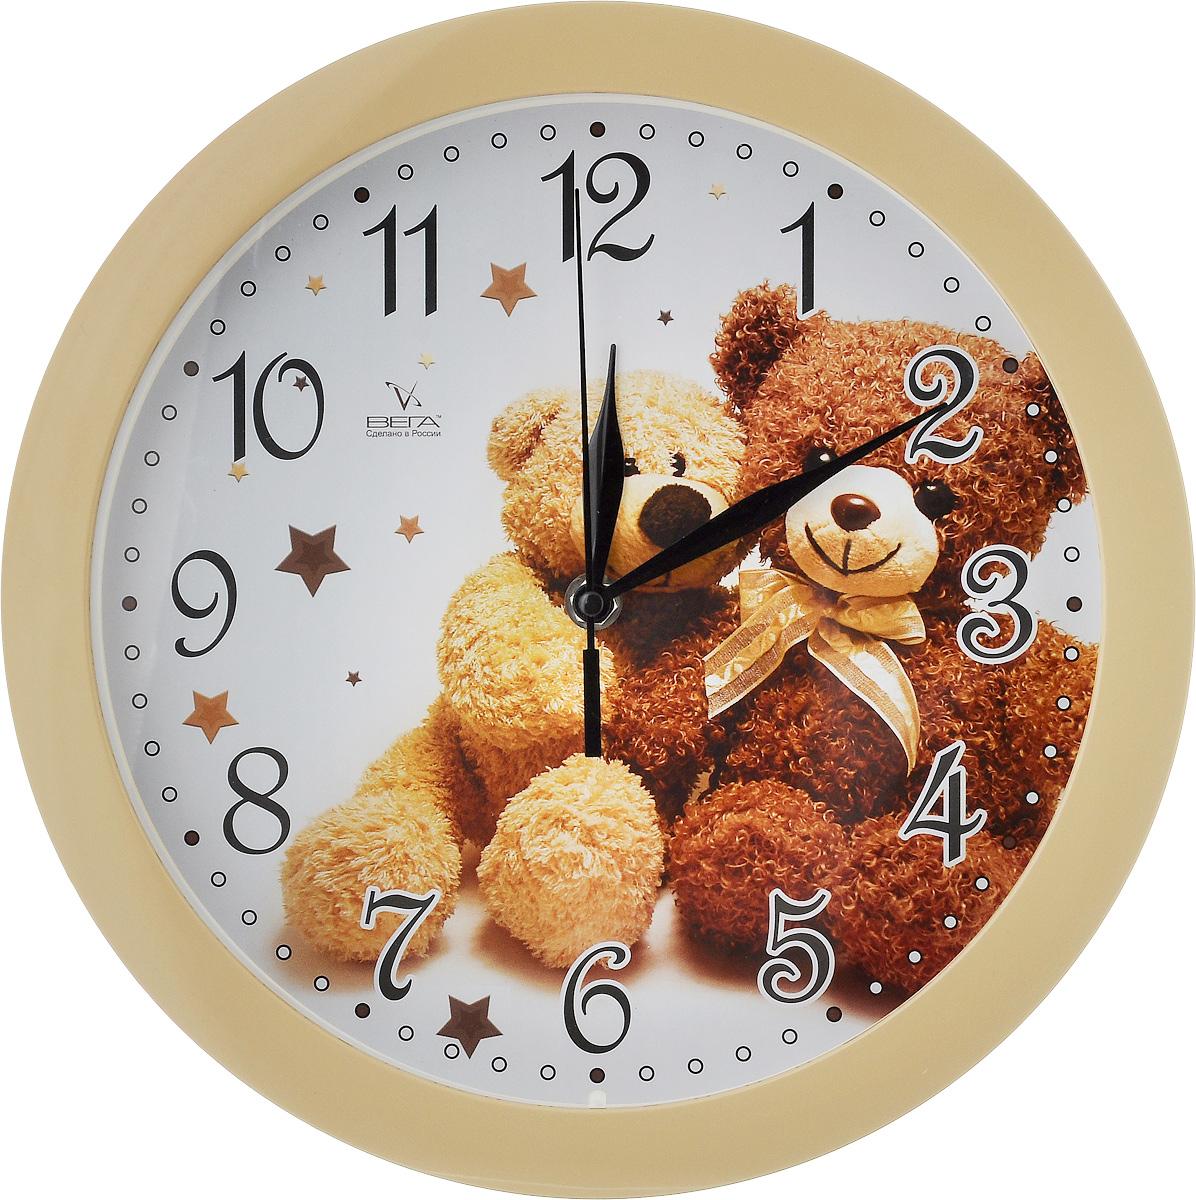 Часы настенные Вега Два медвежонка, диаметр 28,5 смН0199Настенные кварцевые часы Вега Два медвежонка, изготовленные из пластика, прекрасно впишутся в интерьер вашего дома. Круглые часы имеют три стрелки: часовую, минутную и секундную, циферблат защищен прозрачным стеклом. Часы работают от 1 батарейки типа АА напряжением 1,5 В (не входит в комплект). Диаметр часов: 28,5 см.